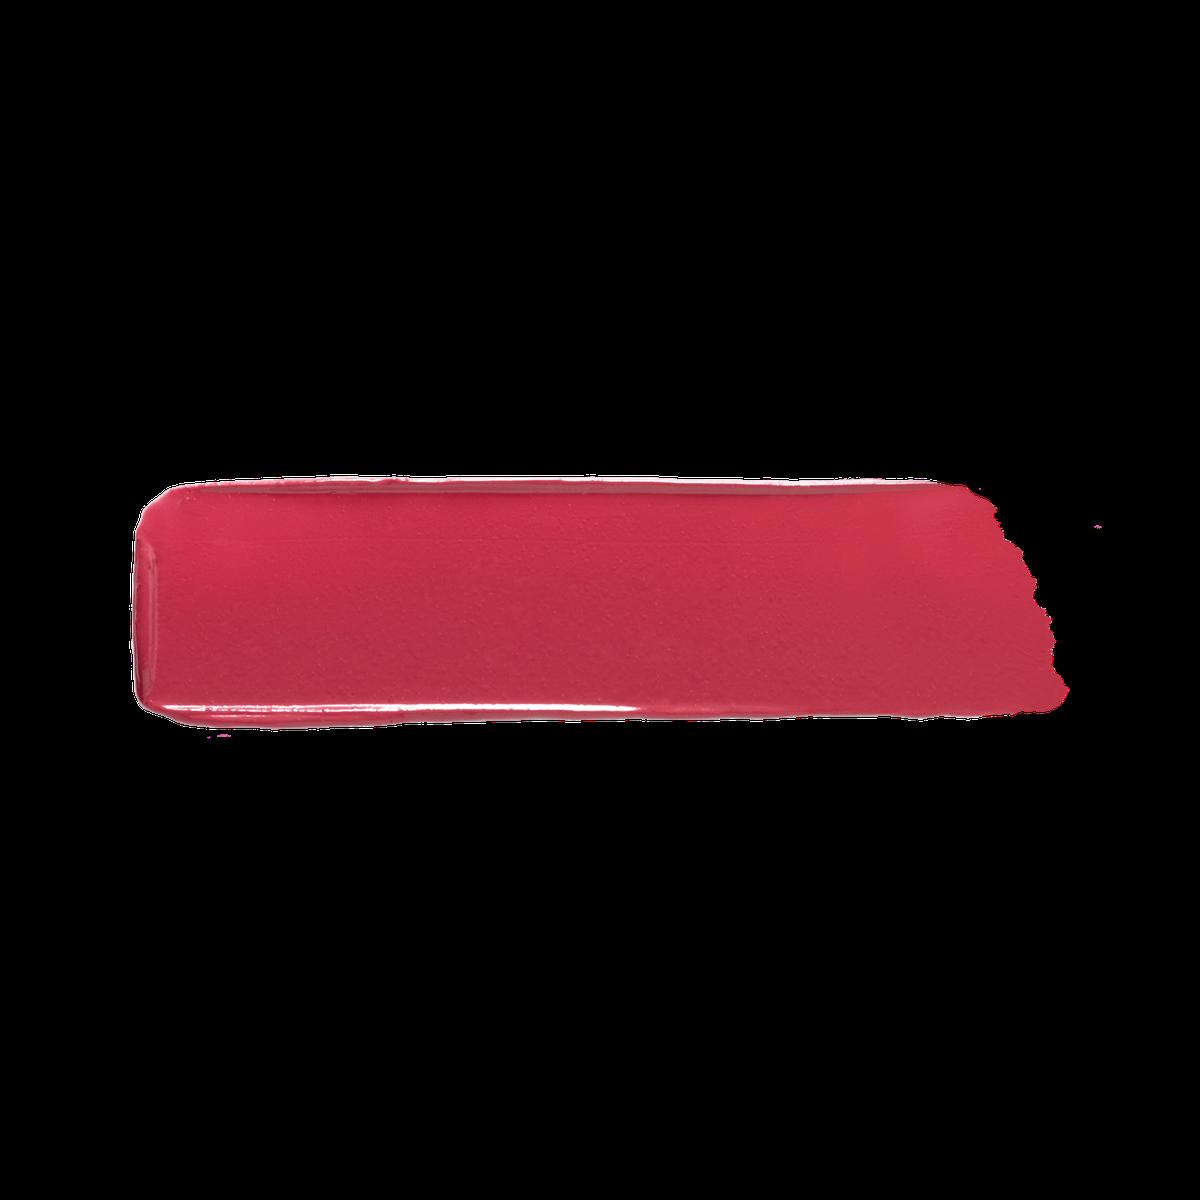 رژلب ژیوانشی مدل Interdit Satin رنگ 10 Boyish Rose